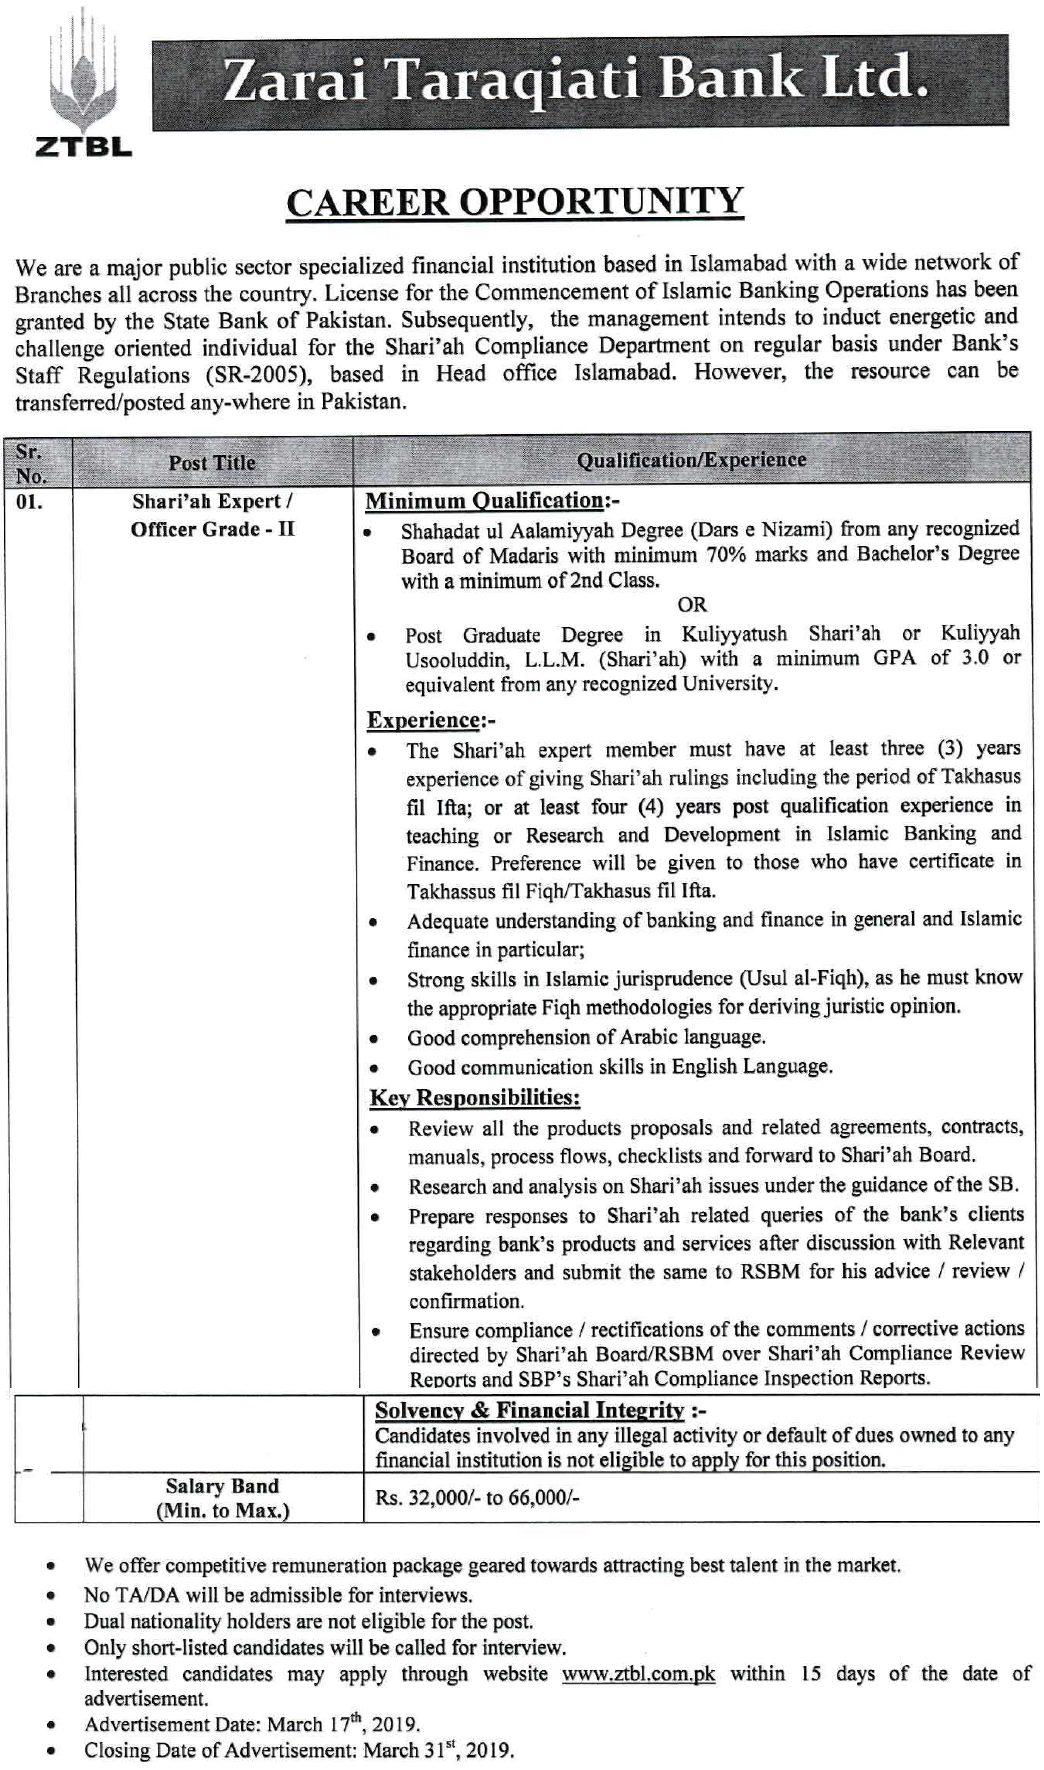 Zarai Taraqiati Bank ZTBL Jobs 2019 Online Apply Application Form